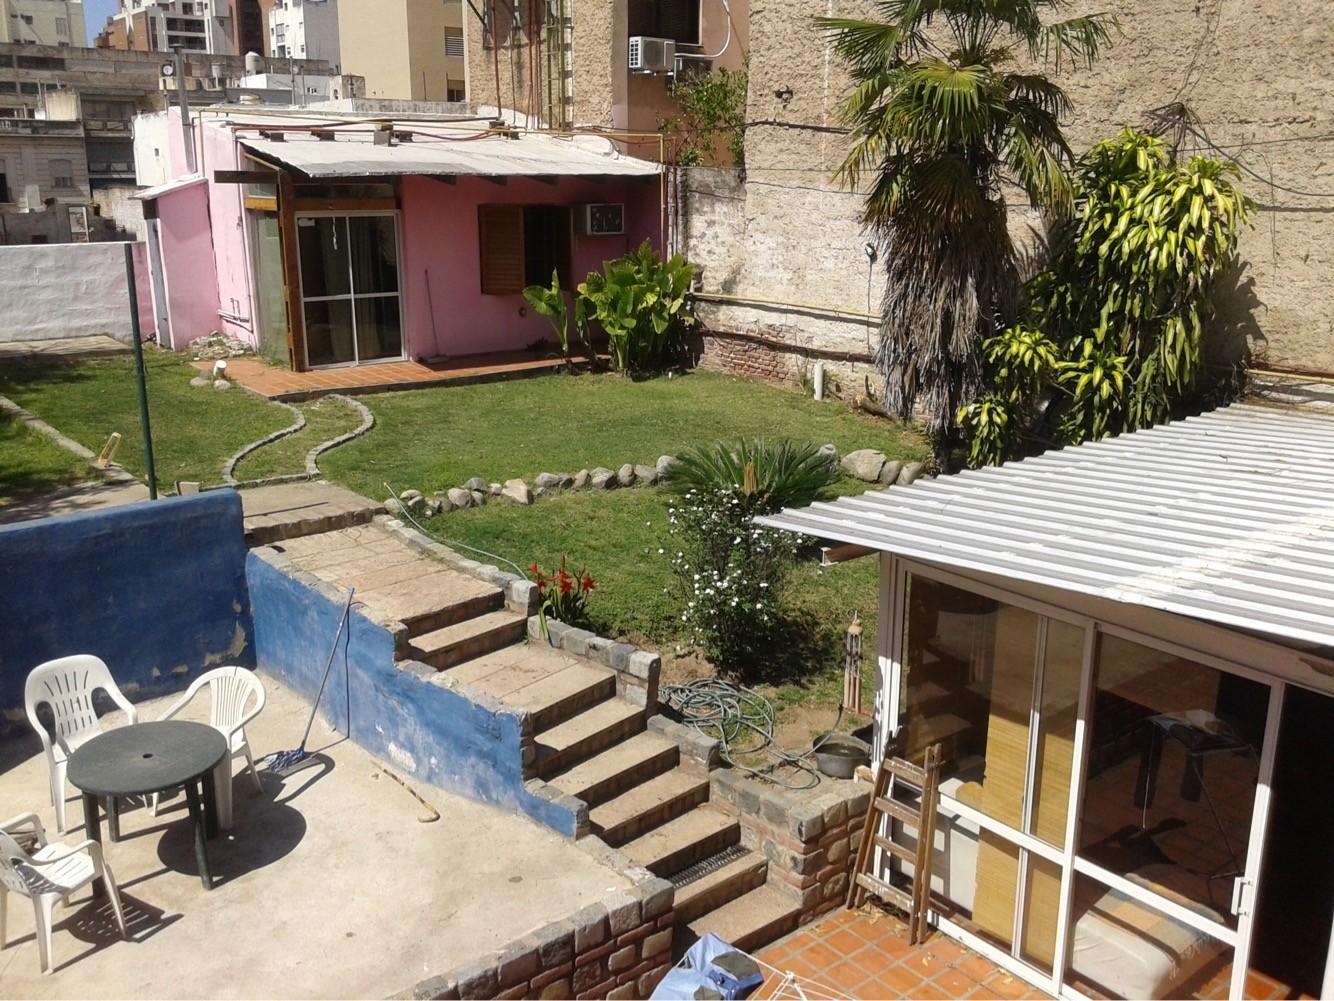 habitacion-doble-bano-privado-3472ebbba78f57b616cb8708877b2b5b